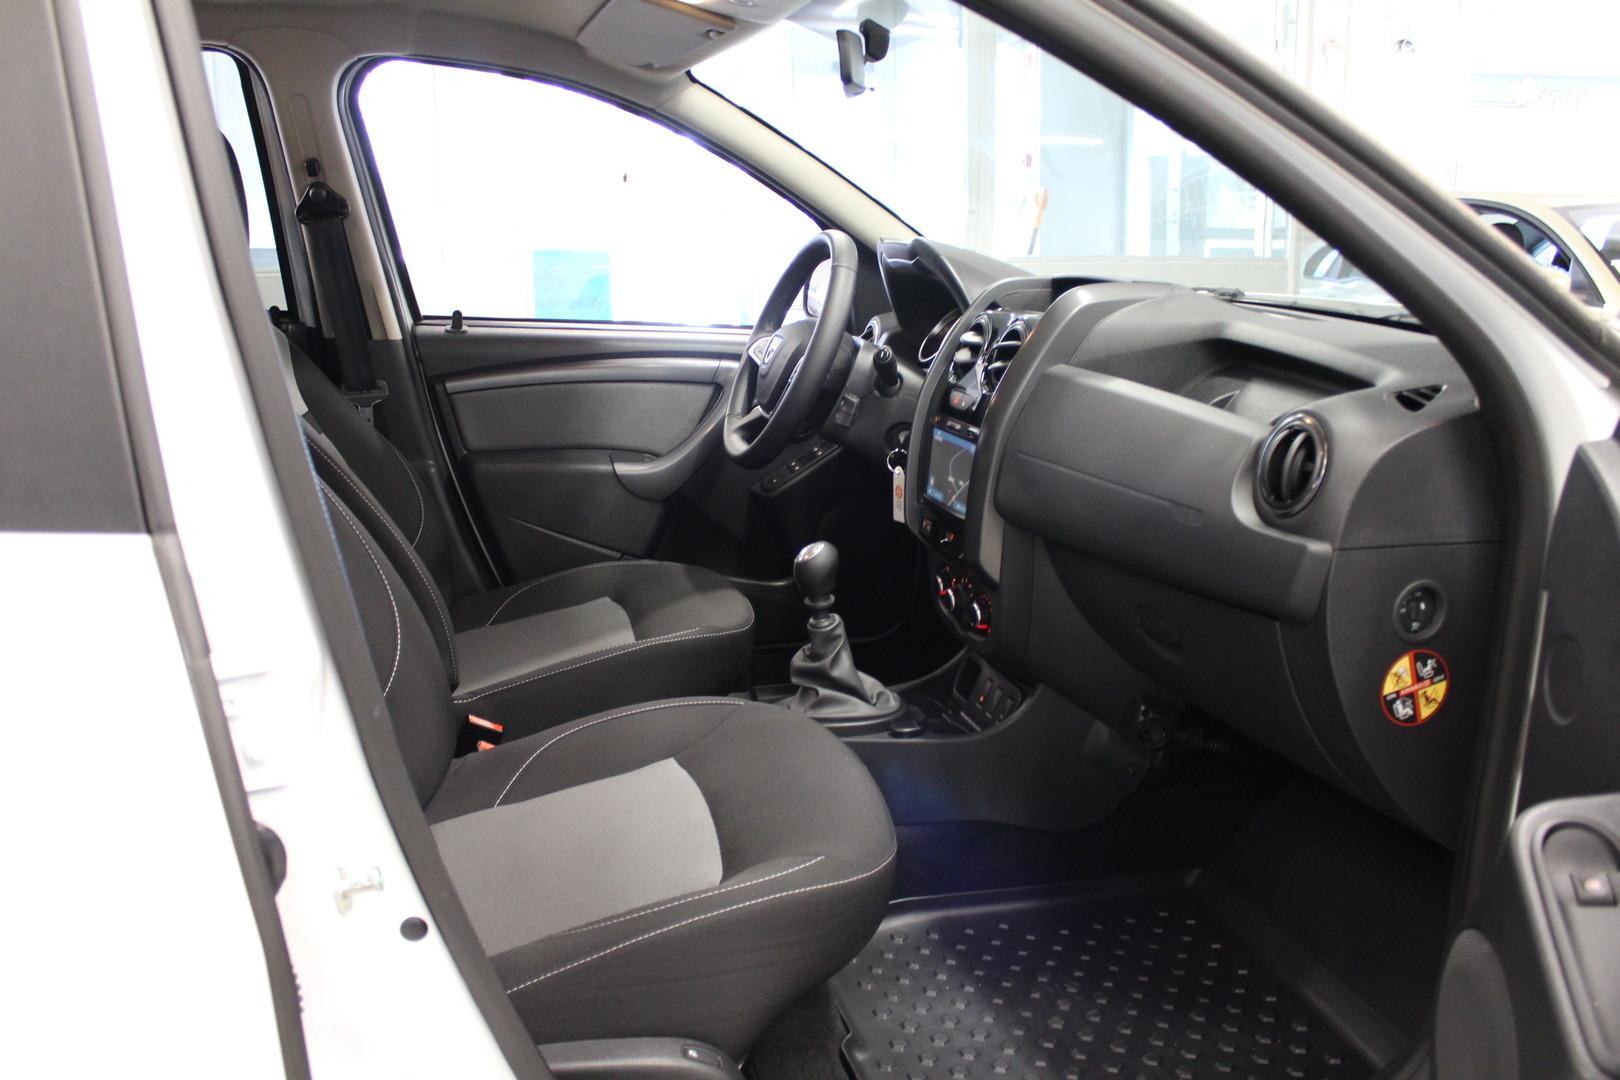 Dacia Duster, TCe 125 S&S Black Shadow #1-Omisteinen #Tehdastakuu #Navigointi #Hyvin pidetty **Juuri Tullut**